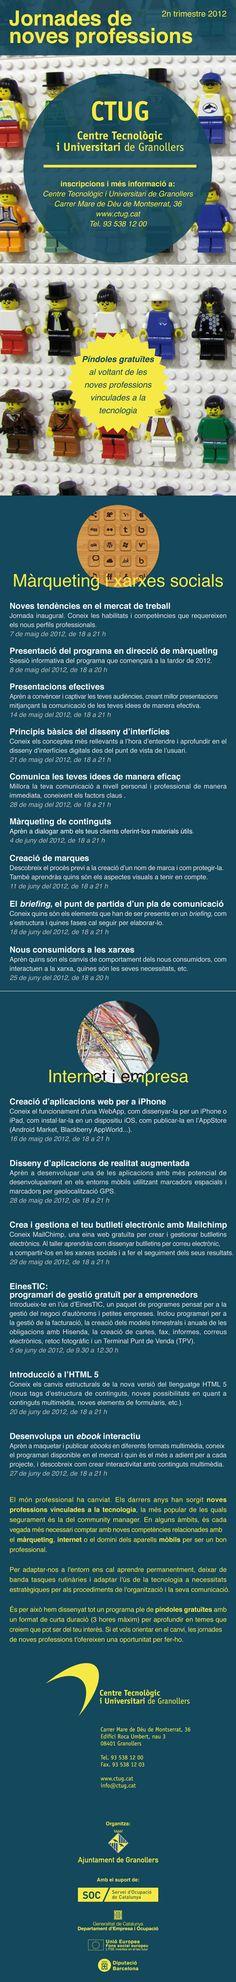 Jornades de noves professions. Píndoles gratuïtes per reforçar noves competències professionals. 2n trimestre de 2012